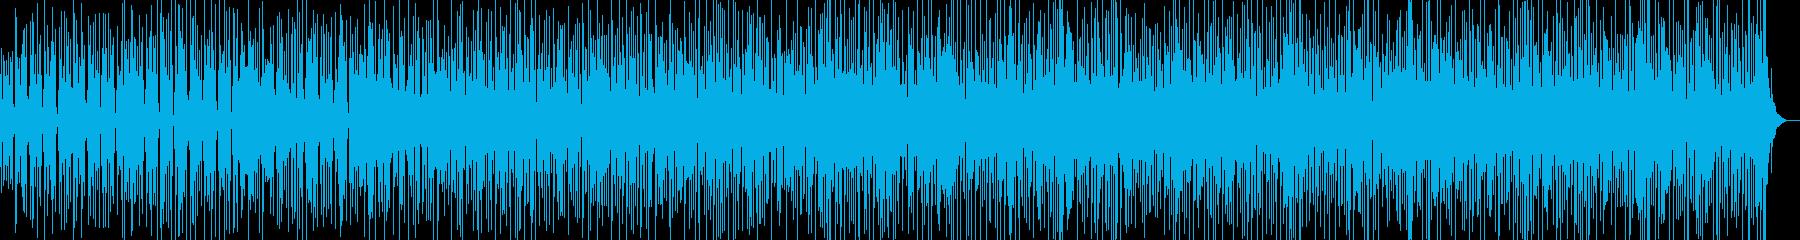 ディープなラテンのリズム、ソンアフロの再生済みの波形